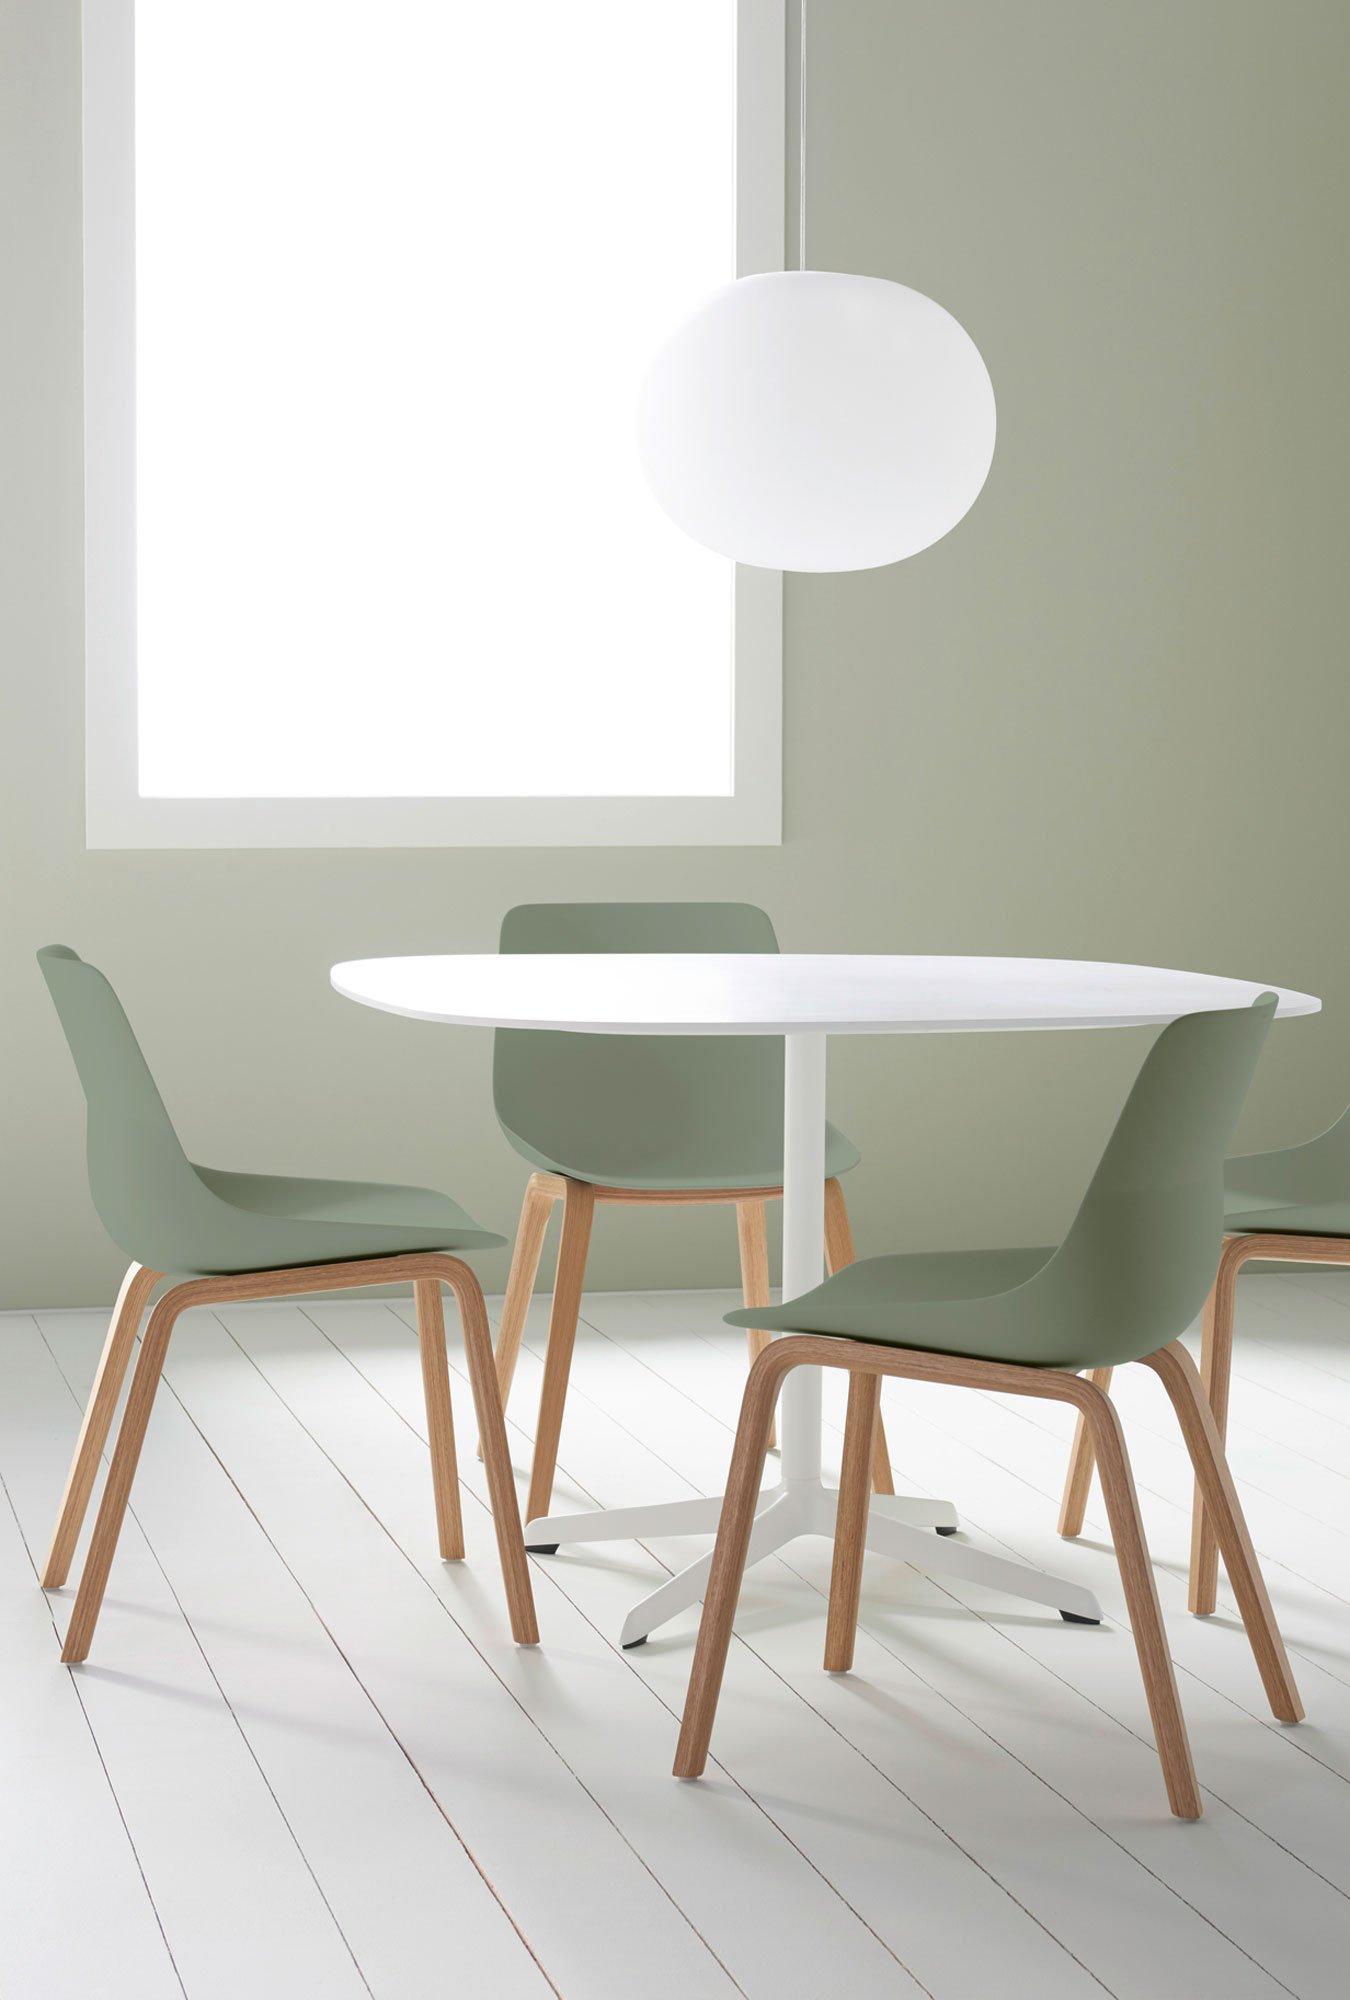 Stuhl von Brunner mit Fokus auf Nachhaltigkeit